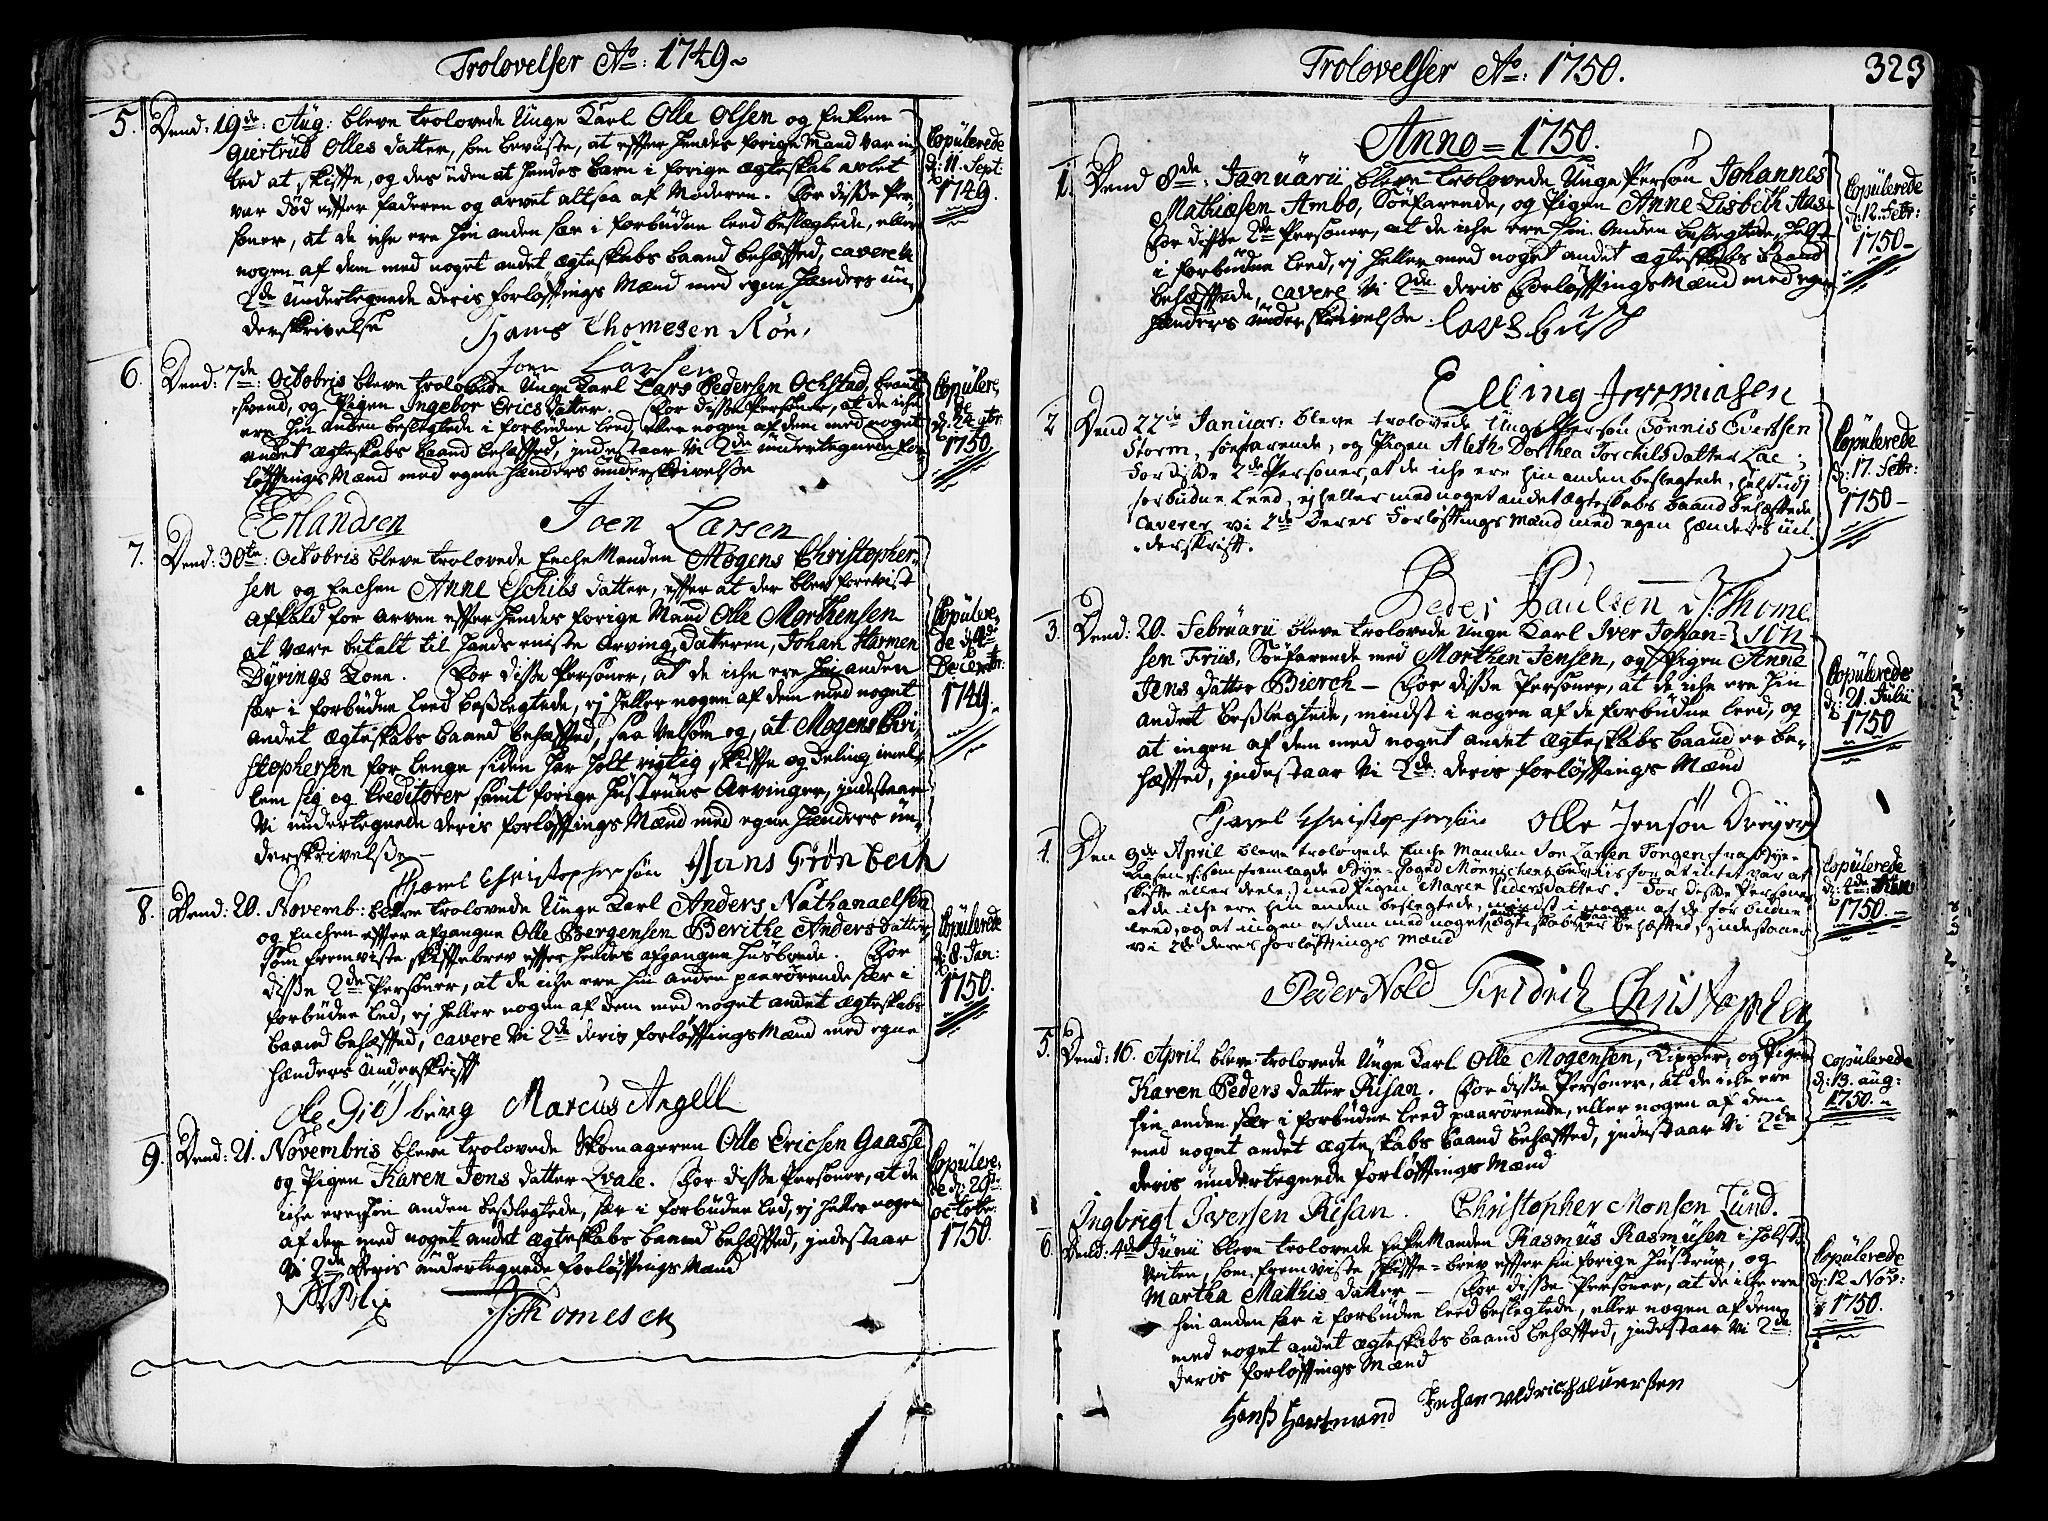 SAT, Ministerialprotokoller, klokkerbøker og fødselsregistre - Sør-Trøndelag, 602/L0103: Ministerialbok nr. 602A01, 1732-1774, s. 323